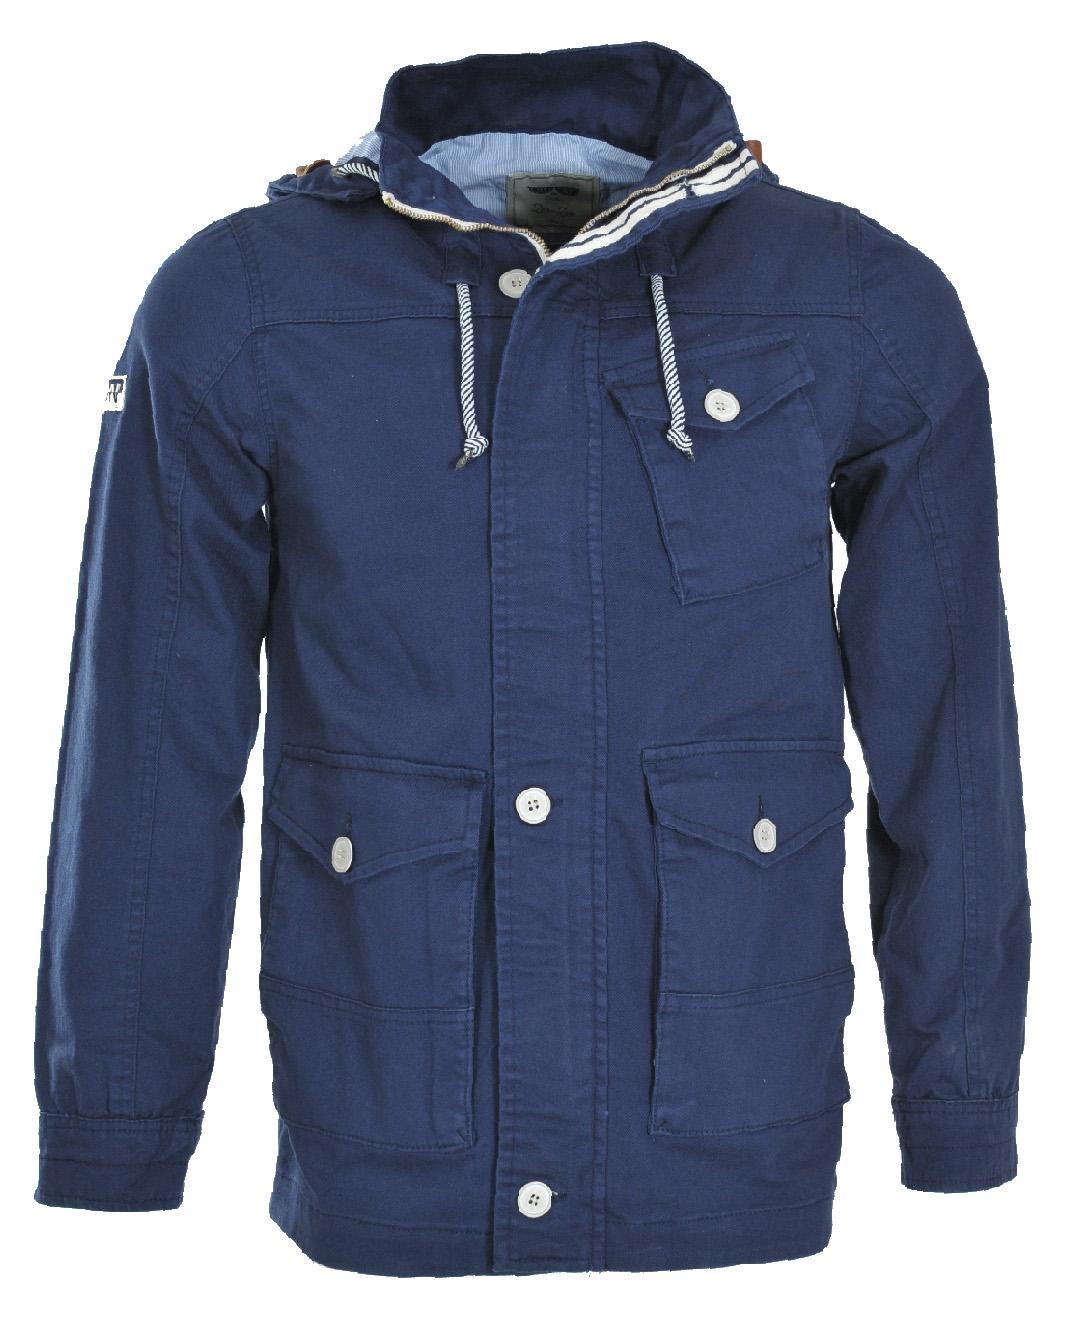 Ανδρικό Μπουφάν Blue London-Μπλε αρχική ανδρικά ρούχα μπουφάν